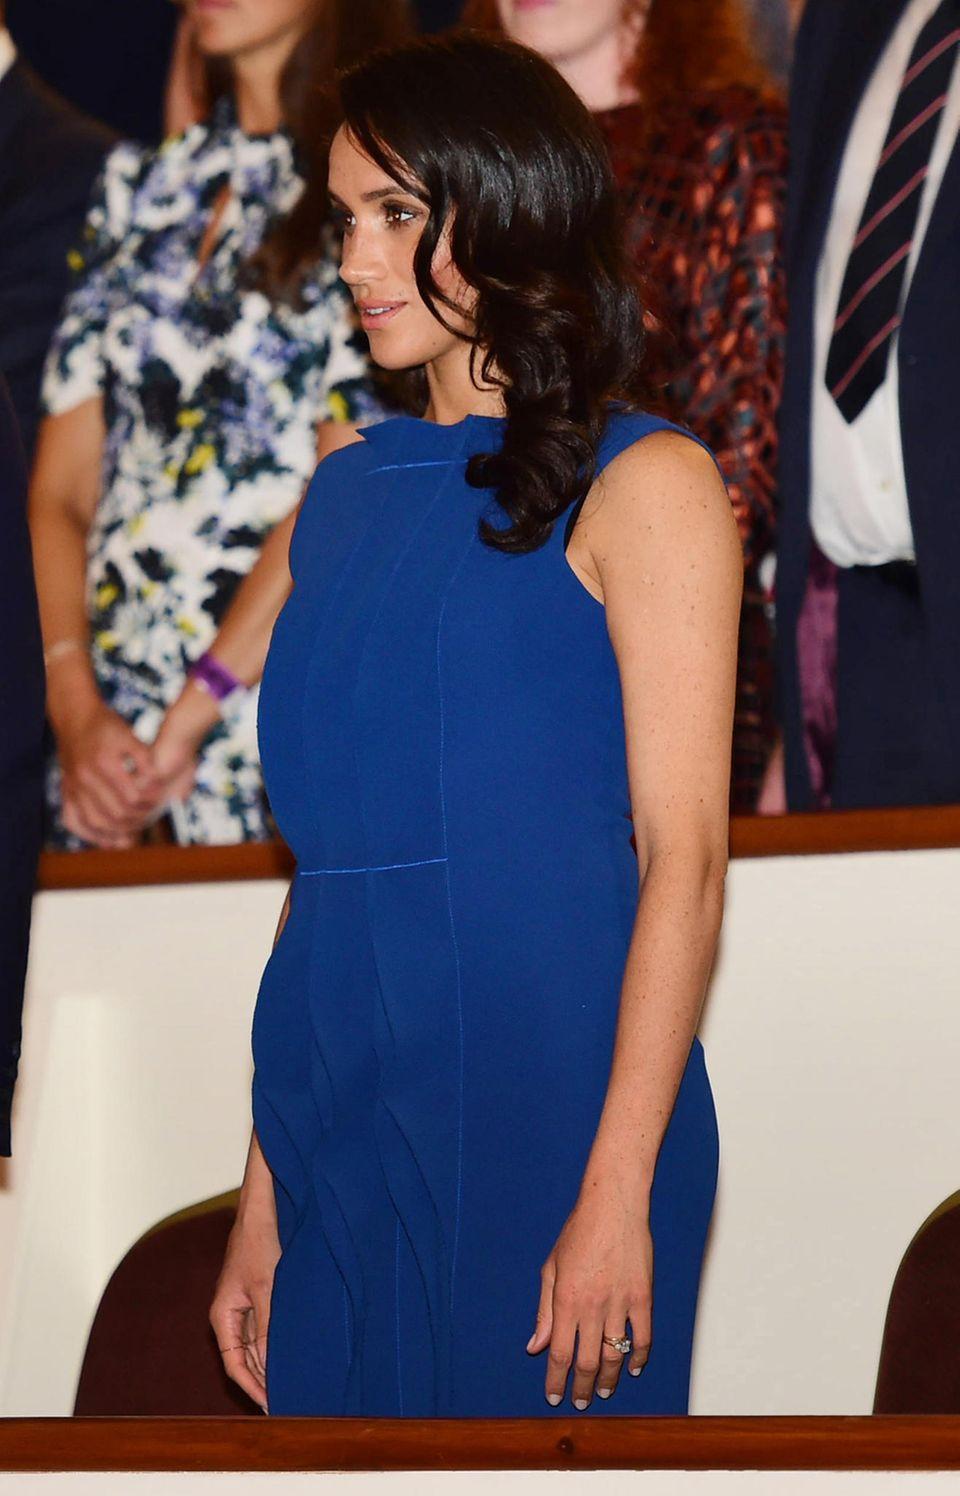 Herzogin Meghan im blauen Kleid